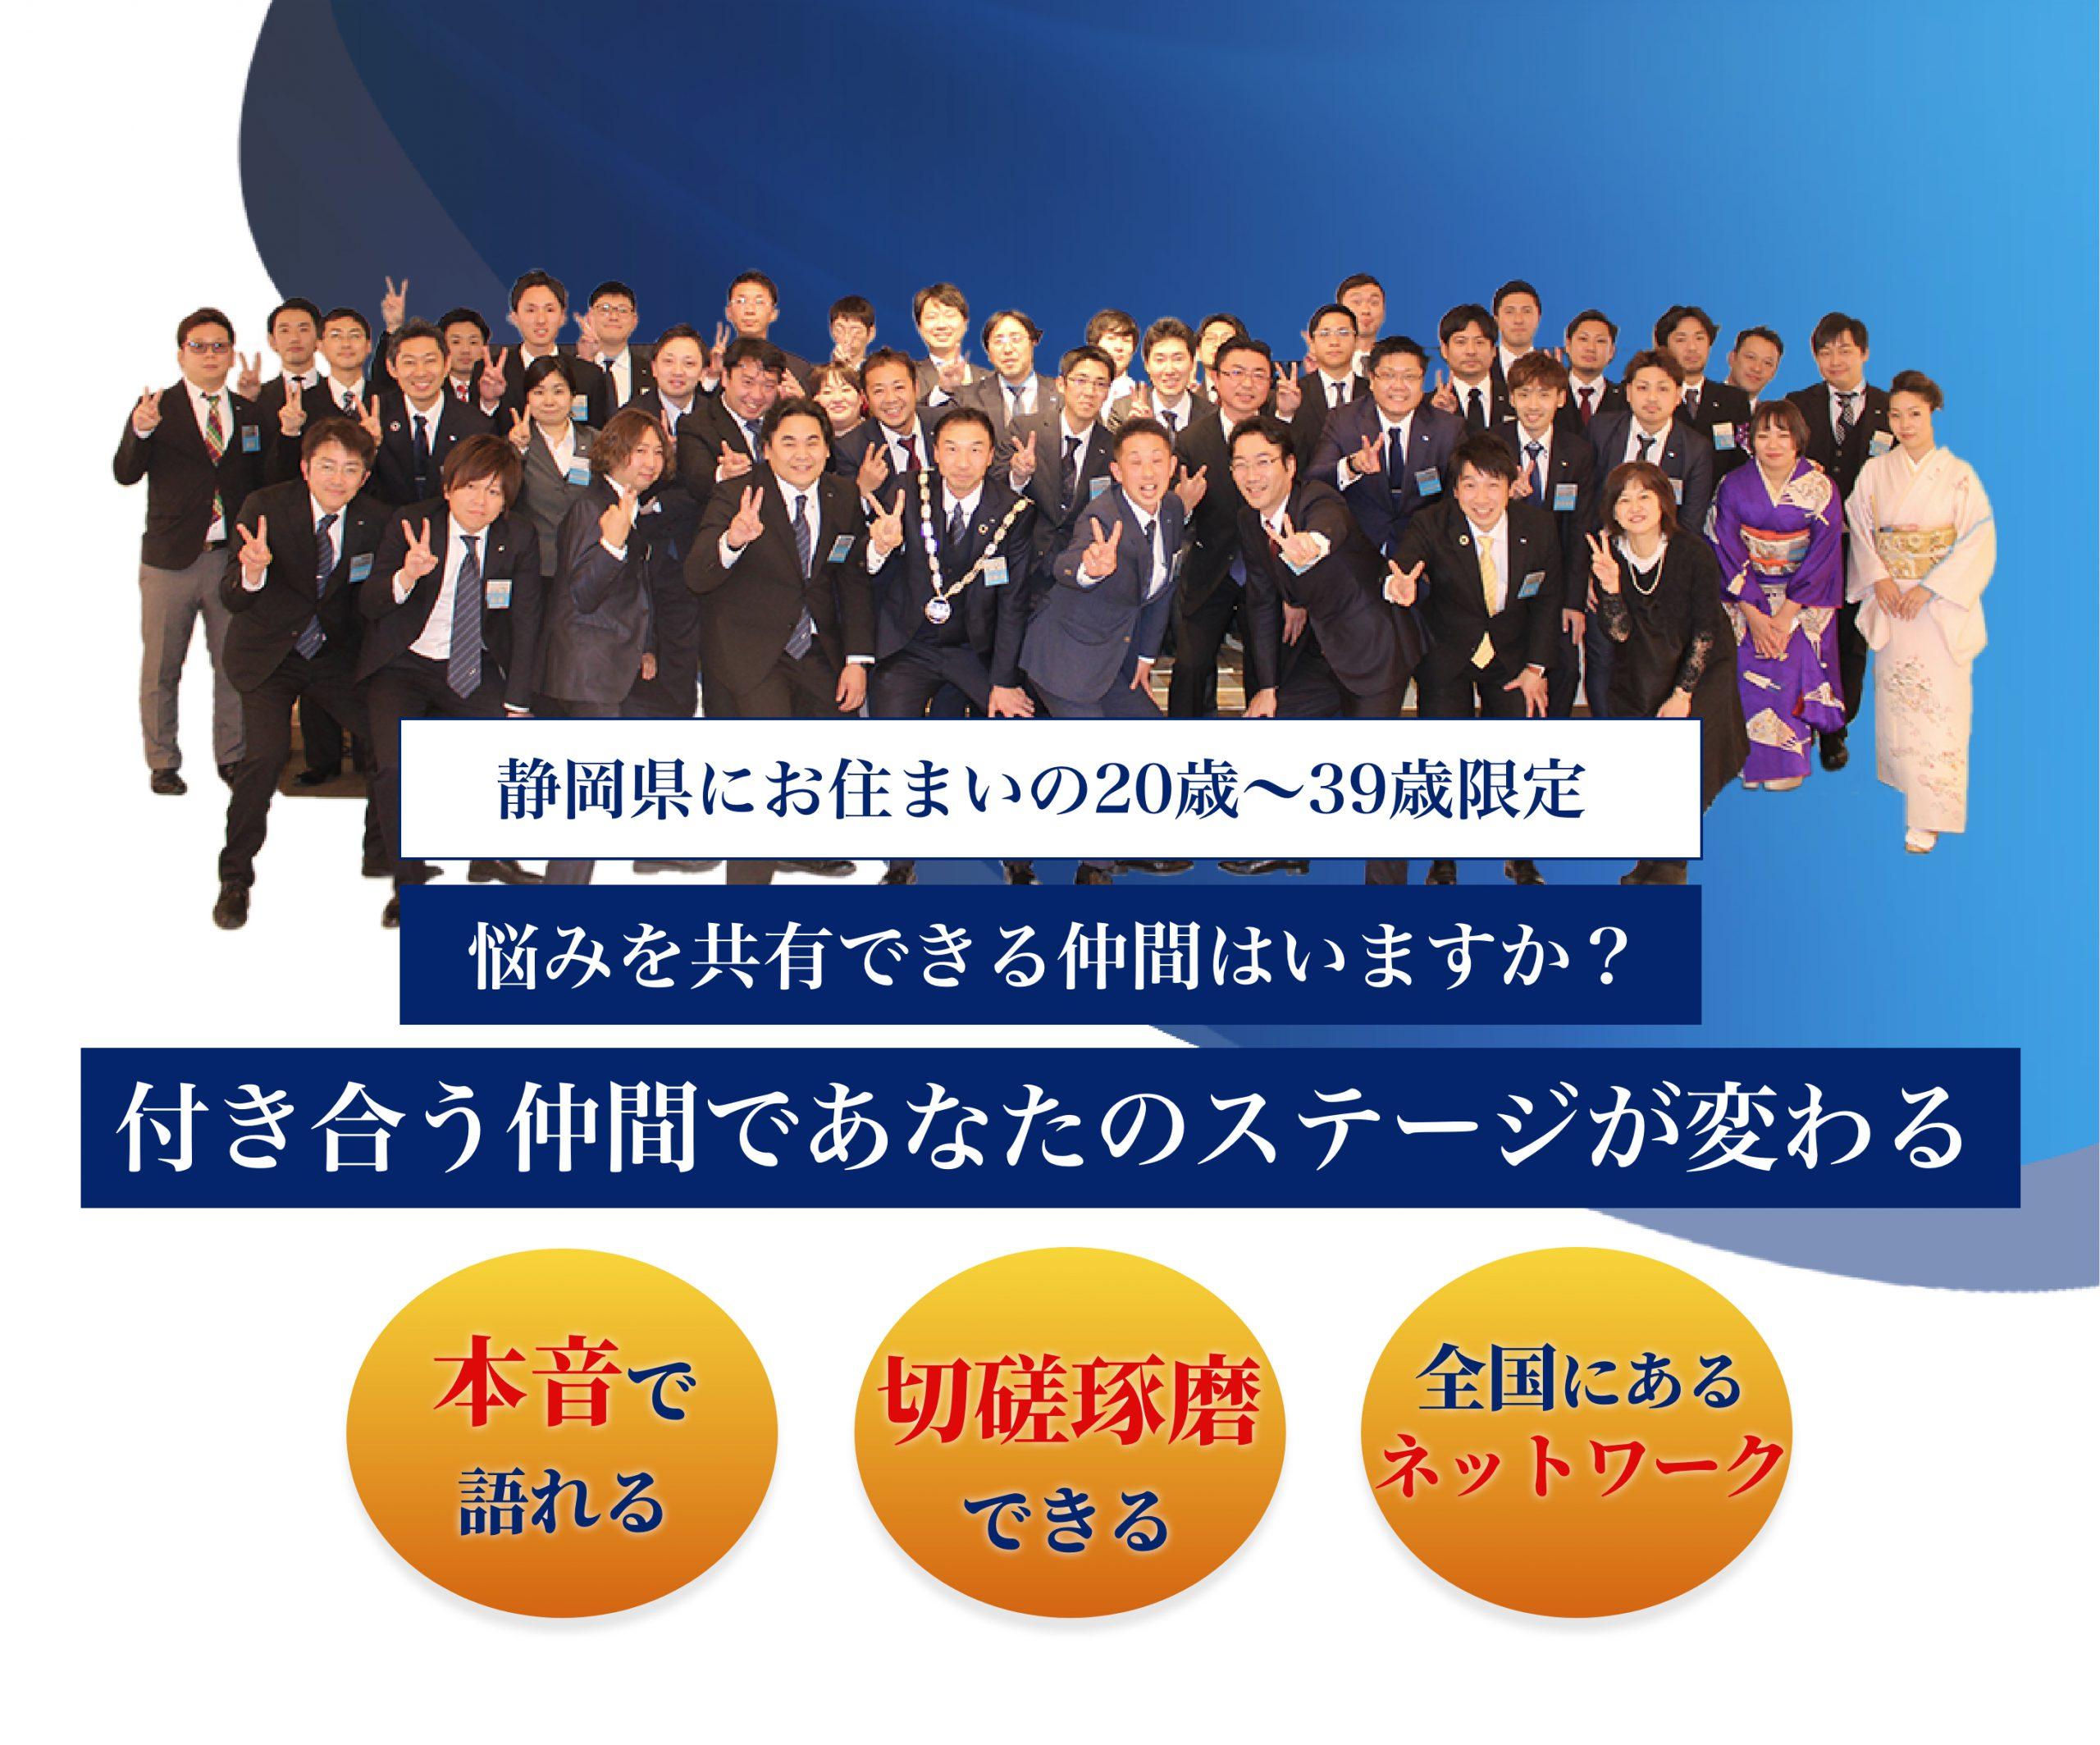 静岡県にお住まいの20歳〜39歳限定/付き合う仲間であなたのステージが変わる